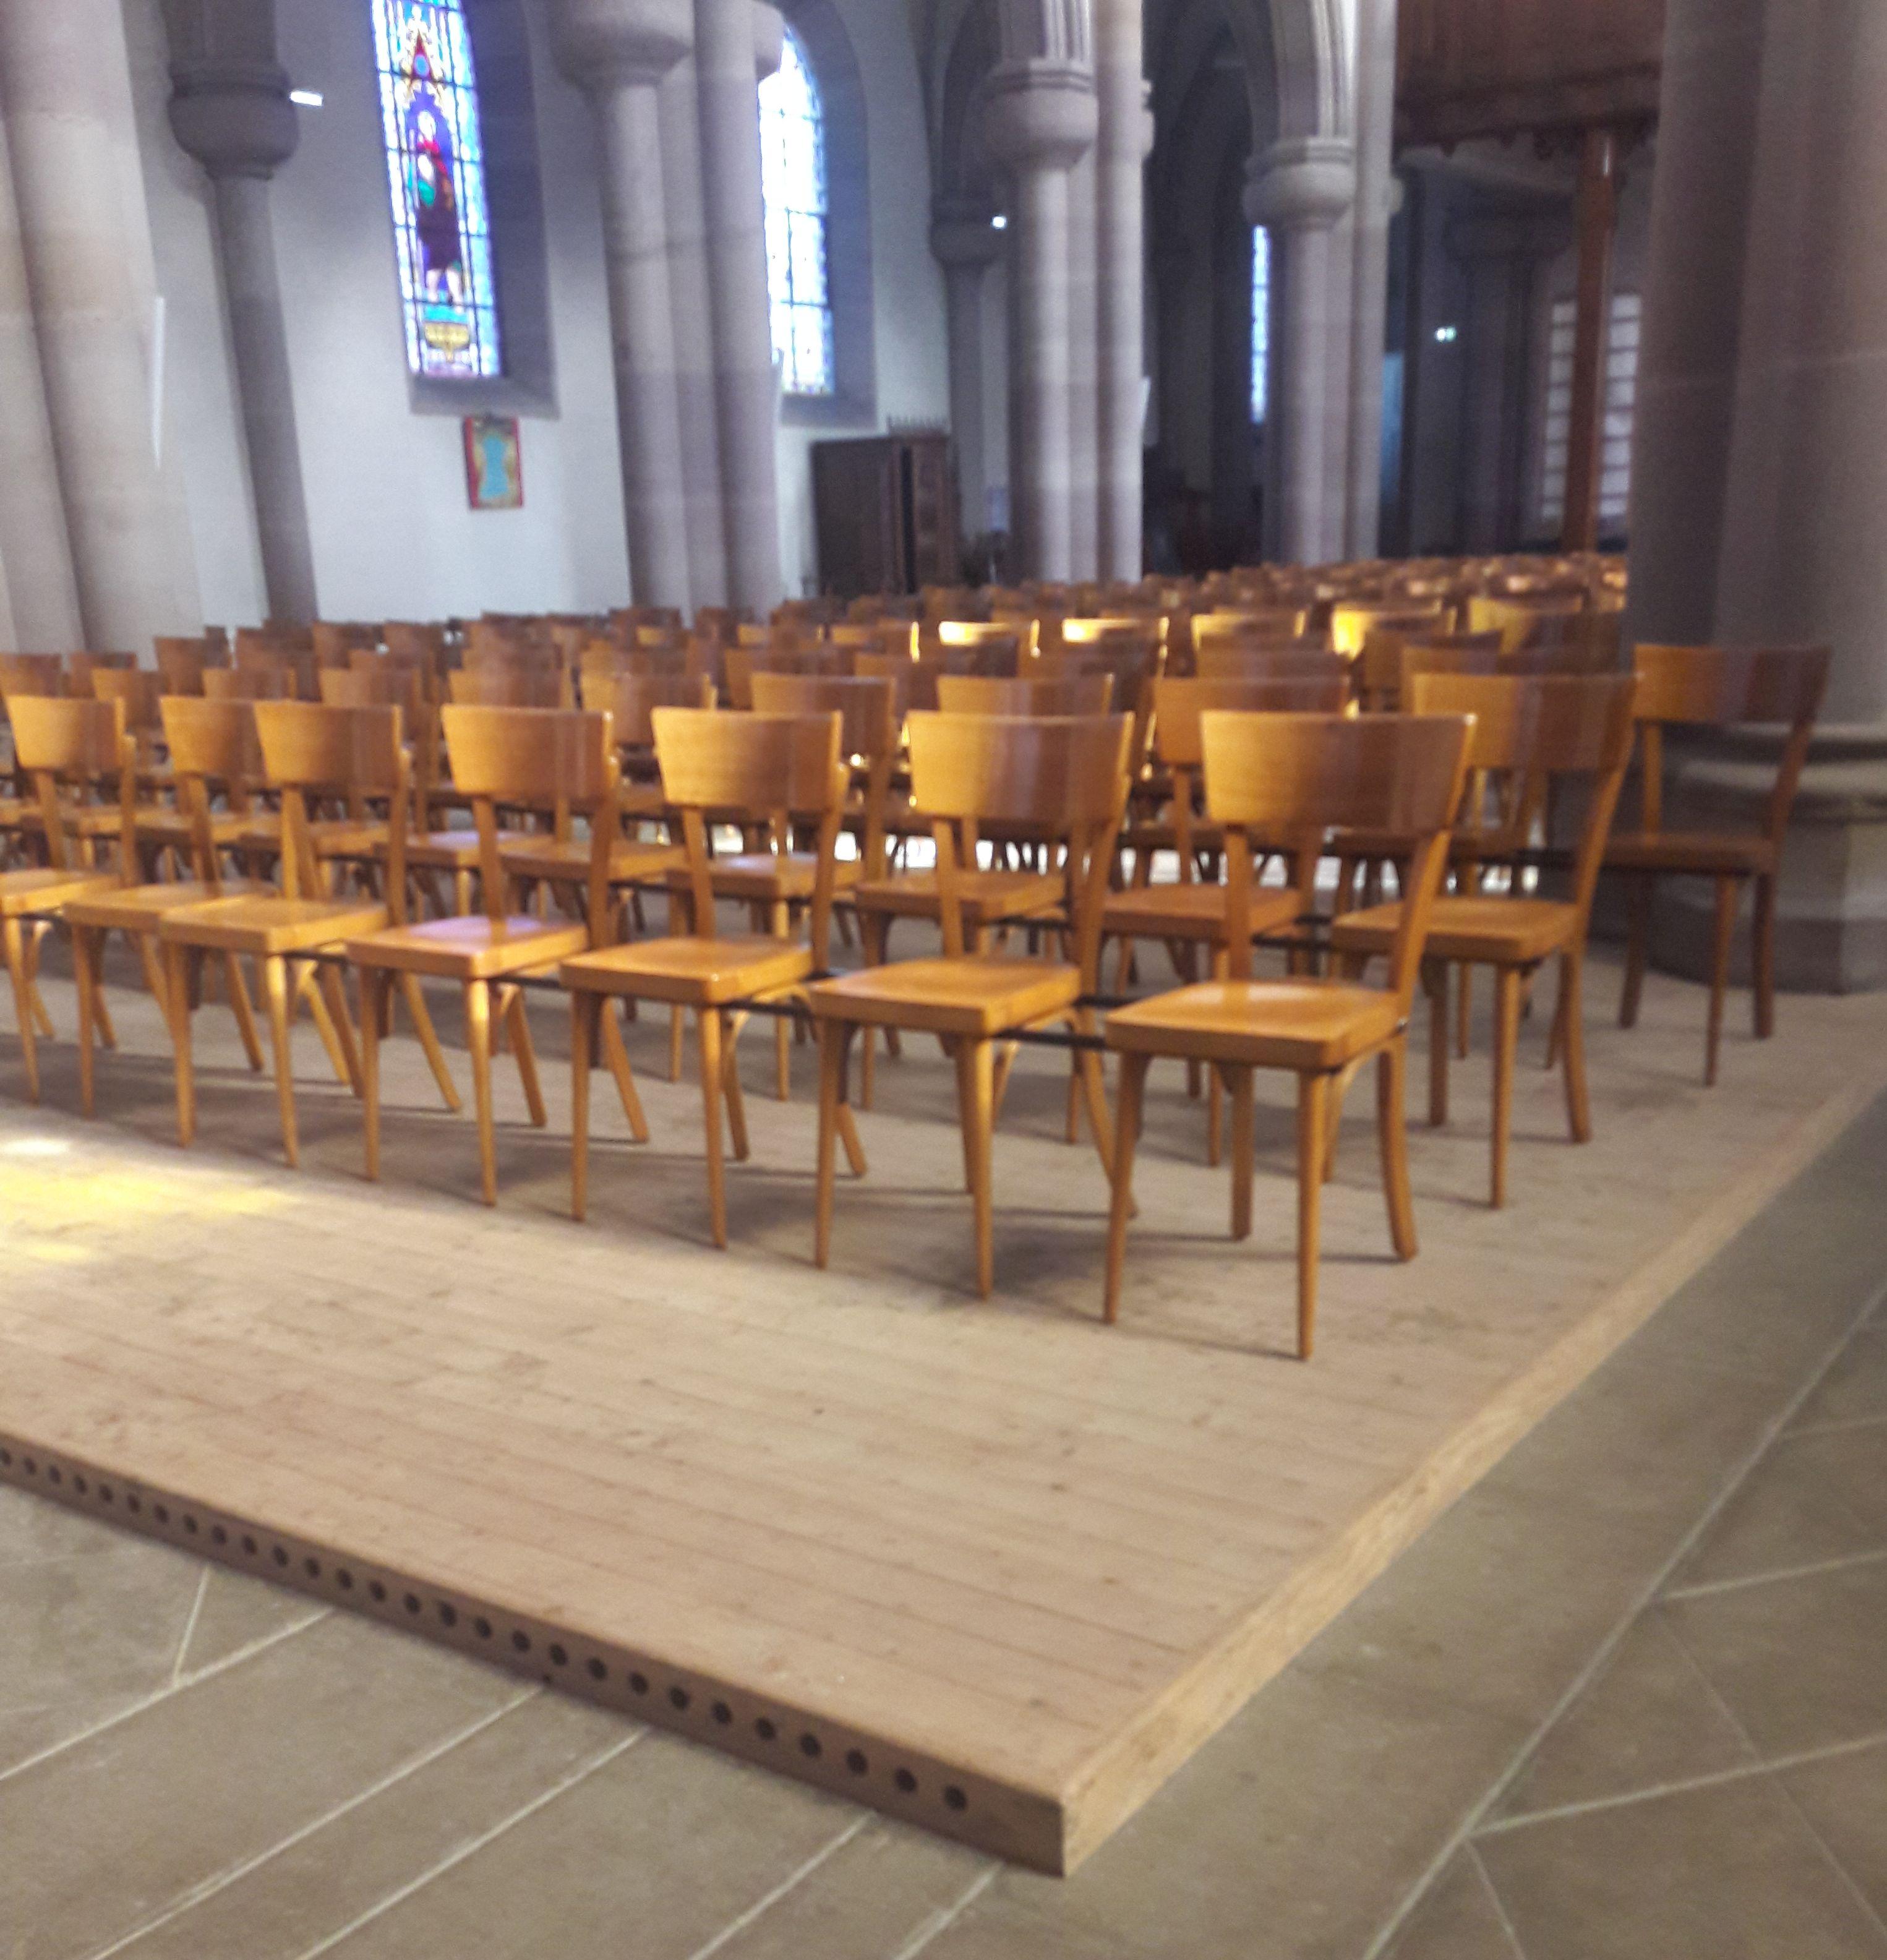 Parquet sol chauffant en pose clouée dans une église